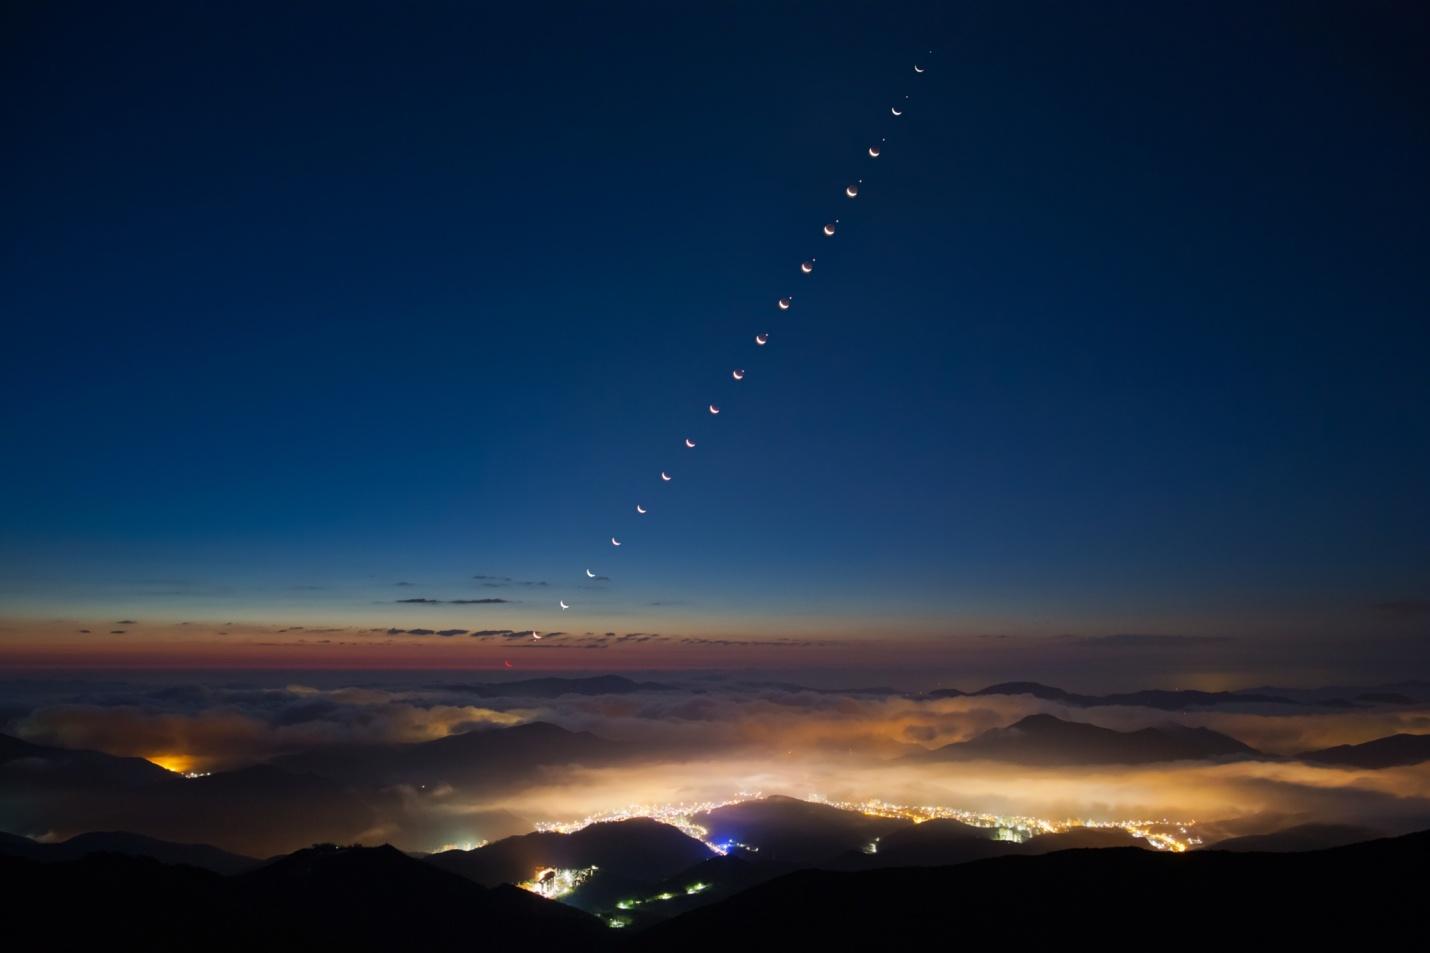 astrofotografia-fotografia-spazio-astronomia-12